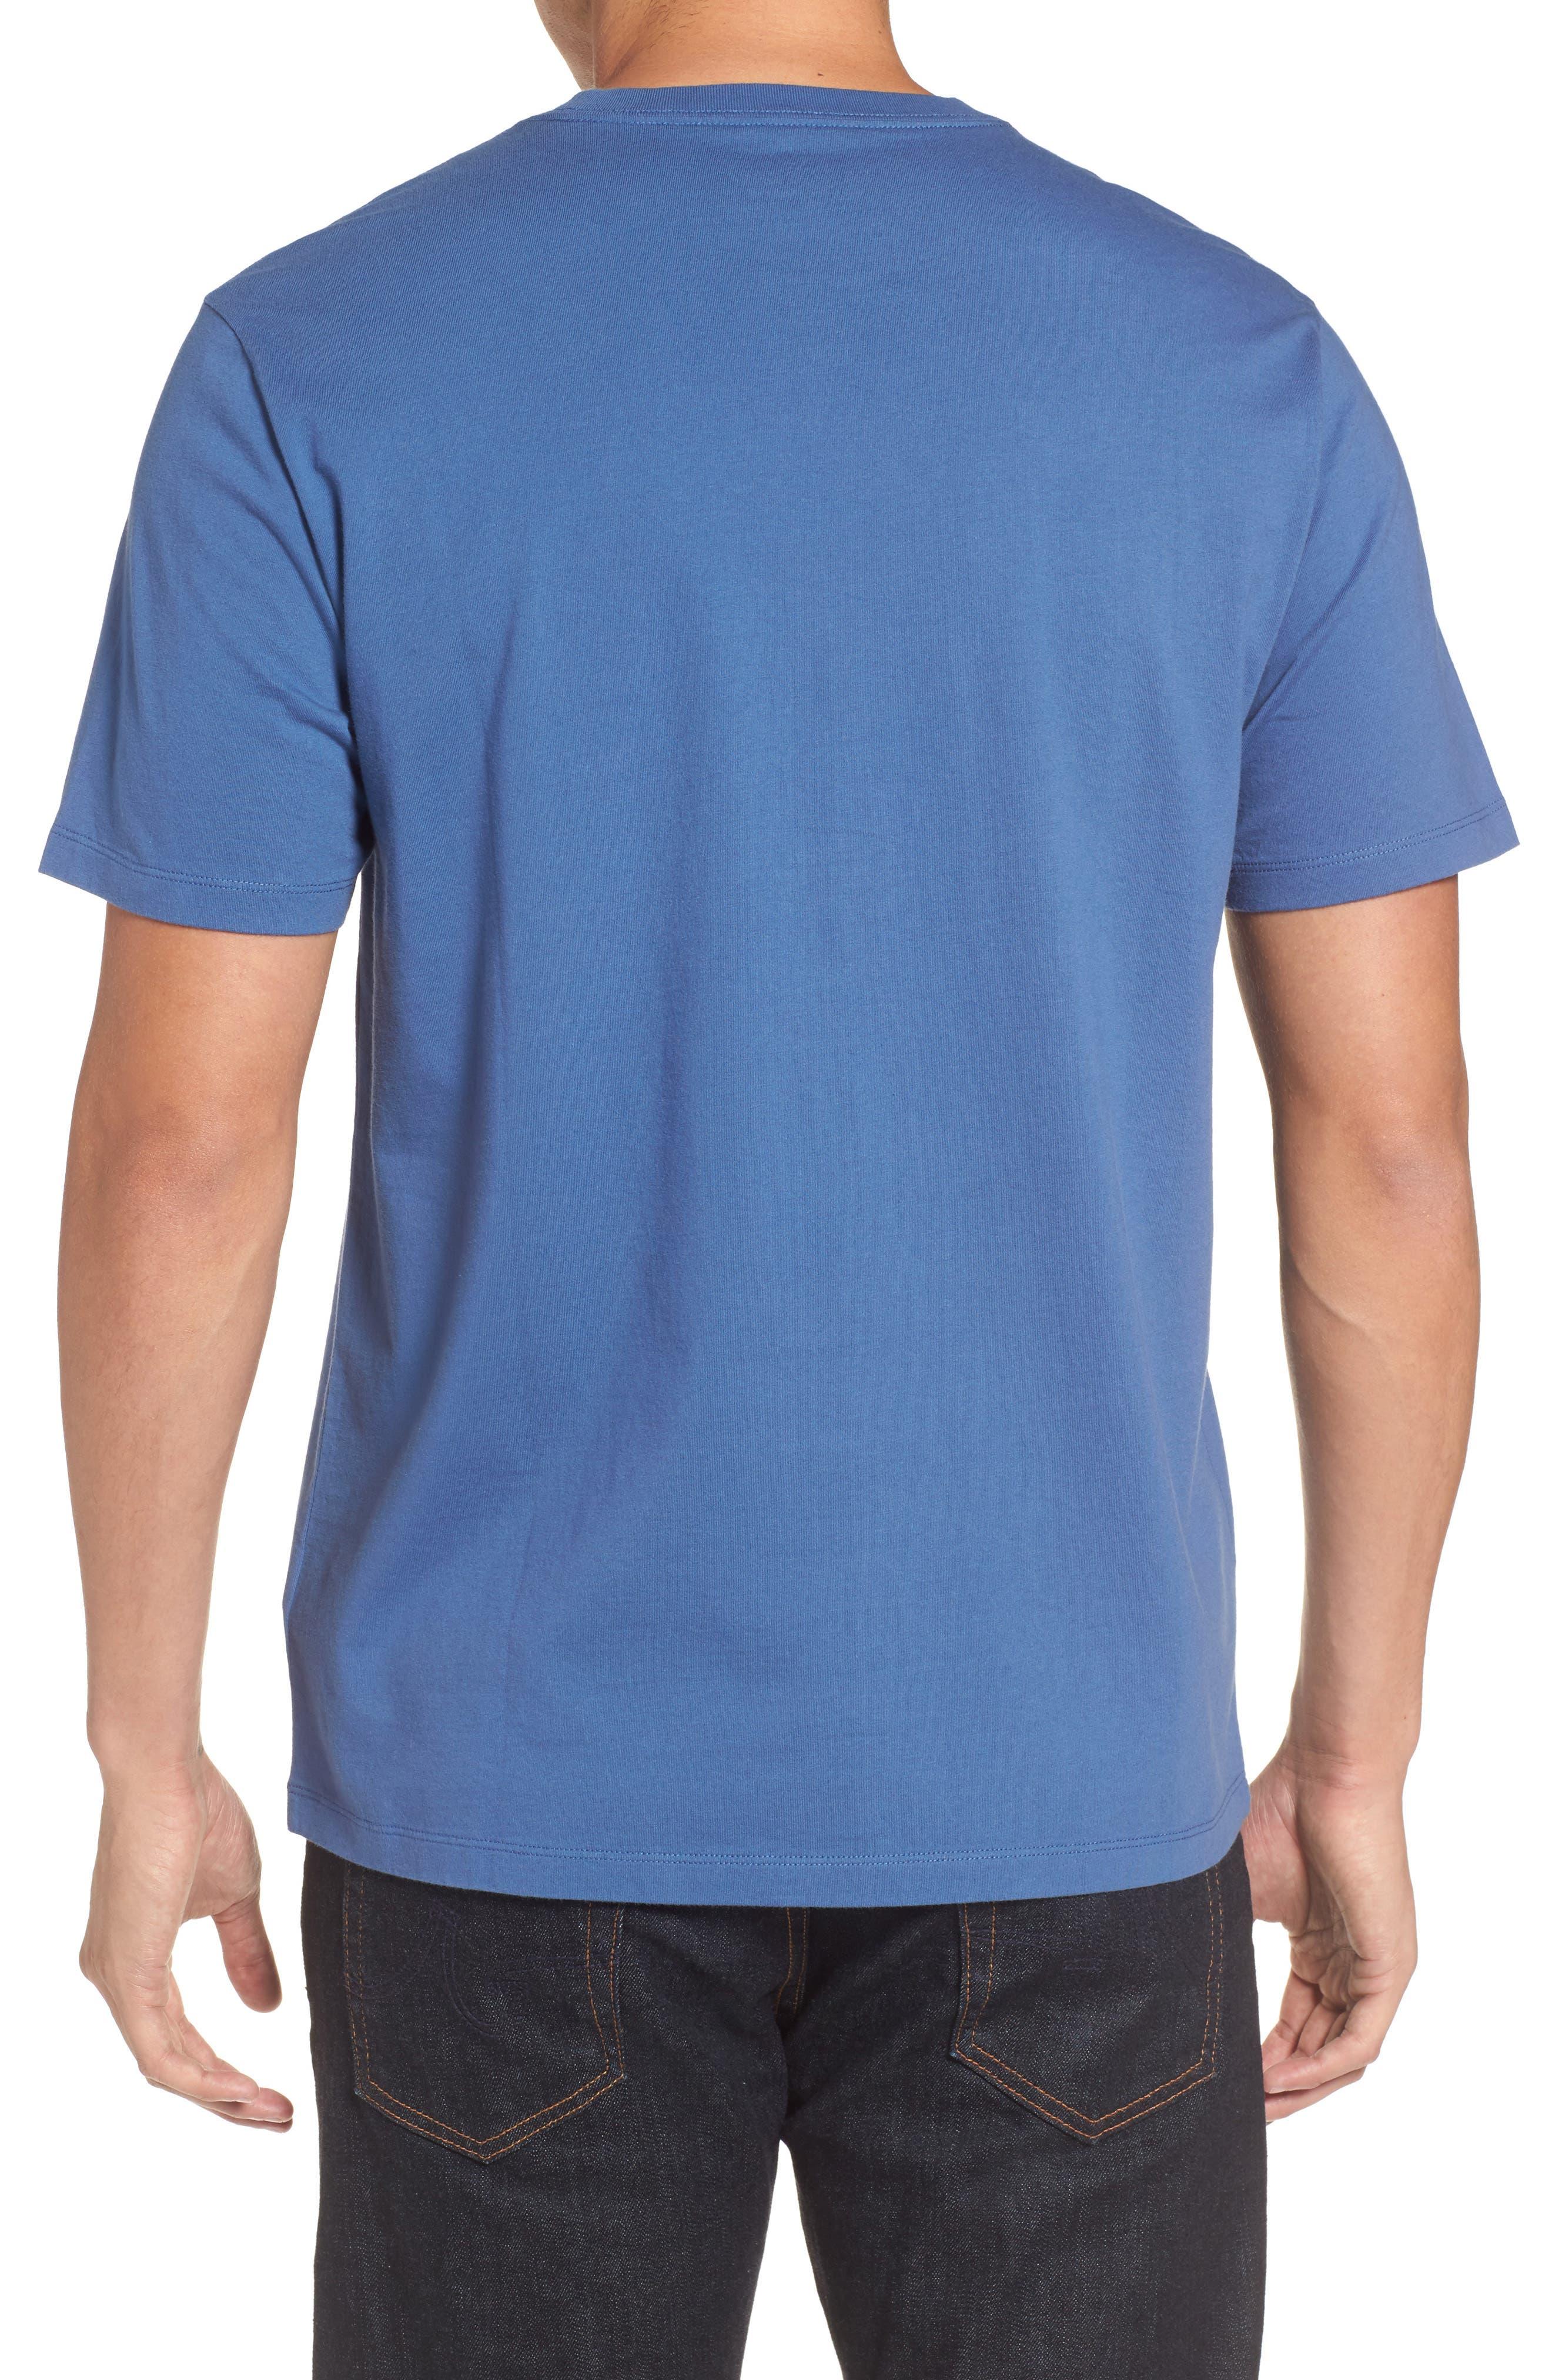 Sailfish Whale Line Graphic T-Shirt,                             Alternate thumbnail 2, color,                             461